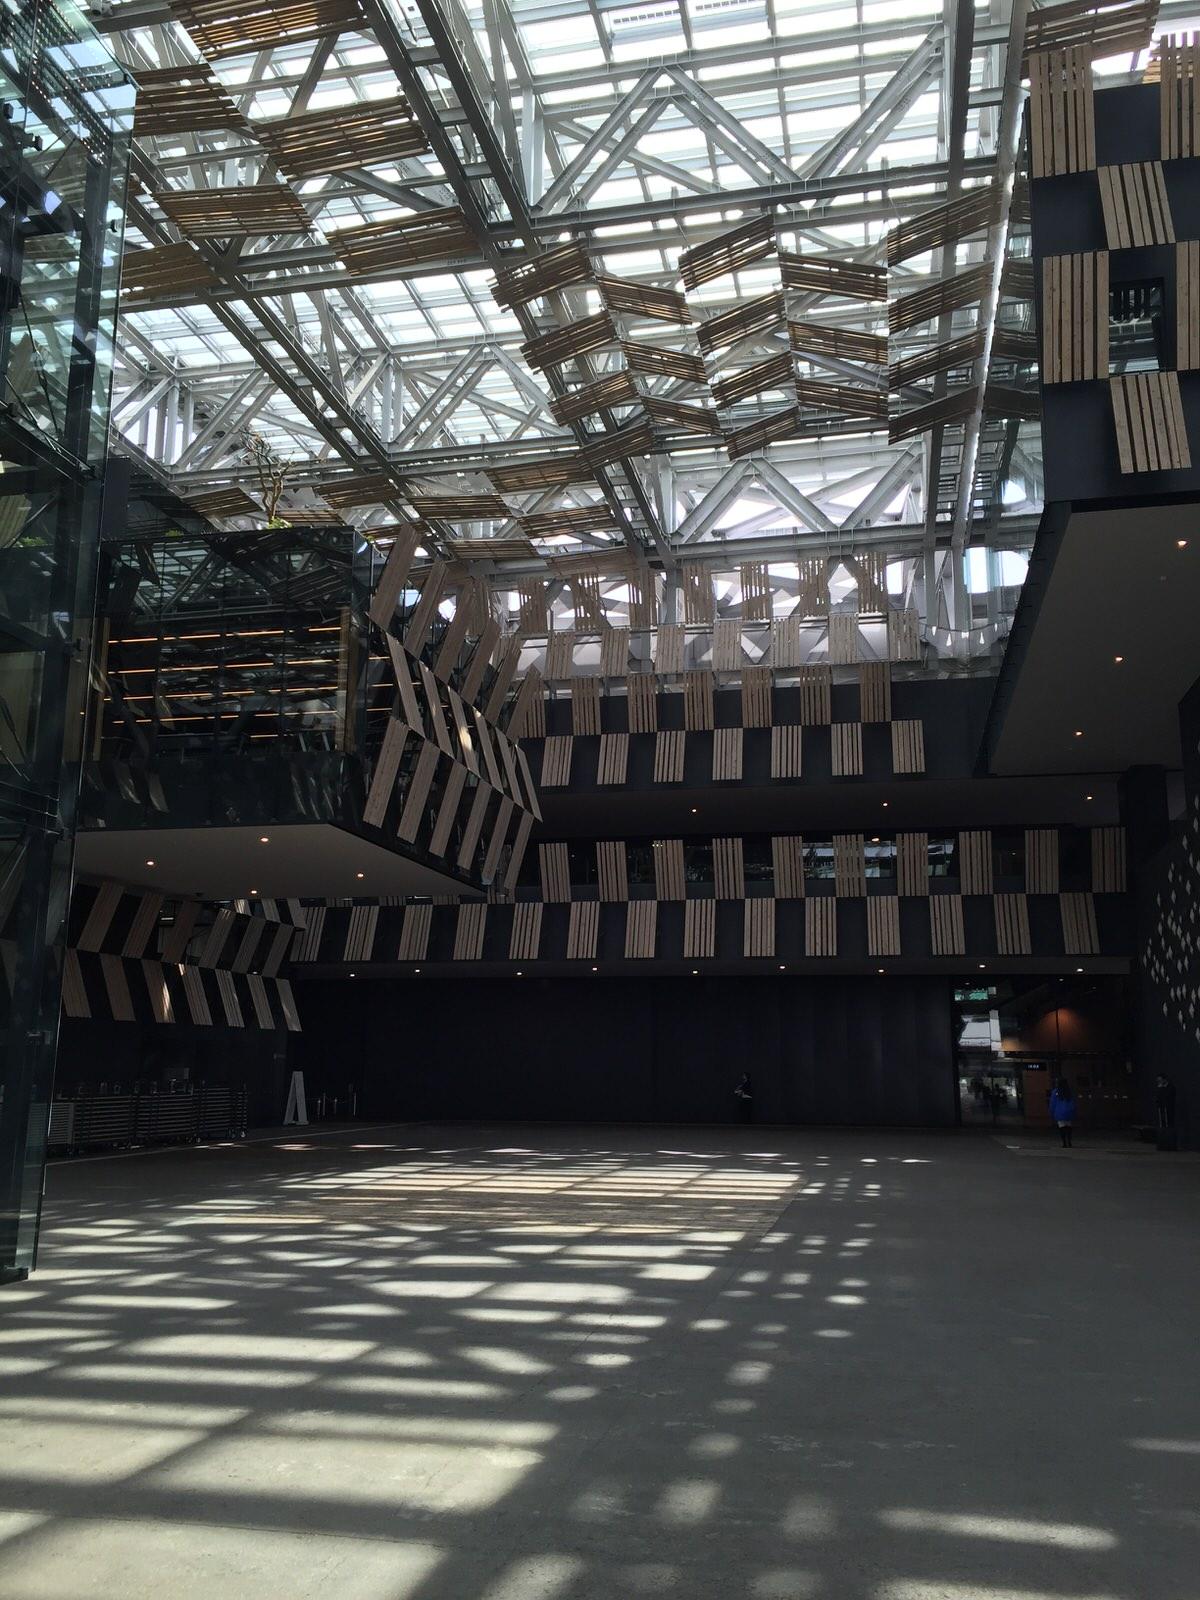 アオーレ長岡 隈 研吾 |光と影が心地よい贅沢な空間で研修を受けています。